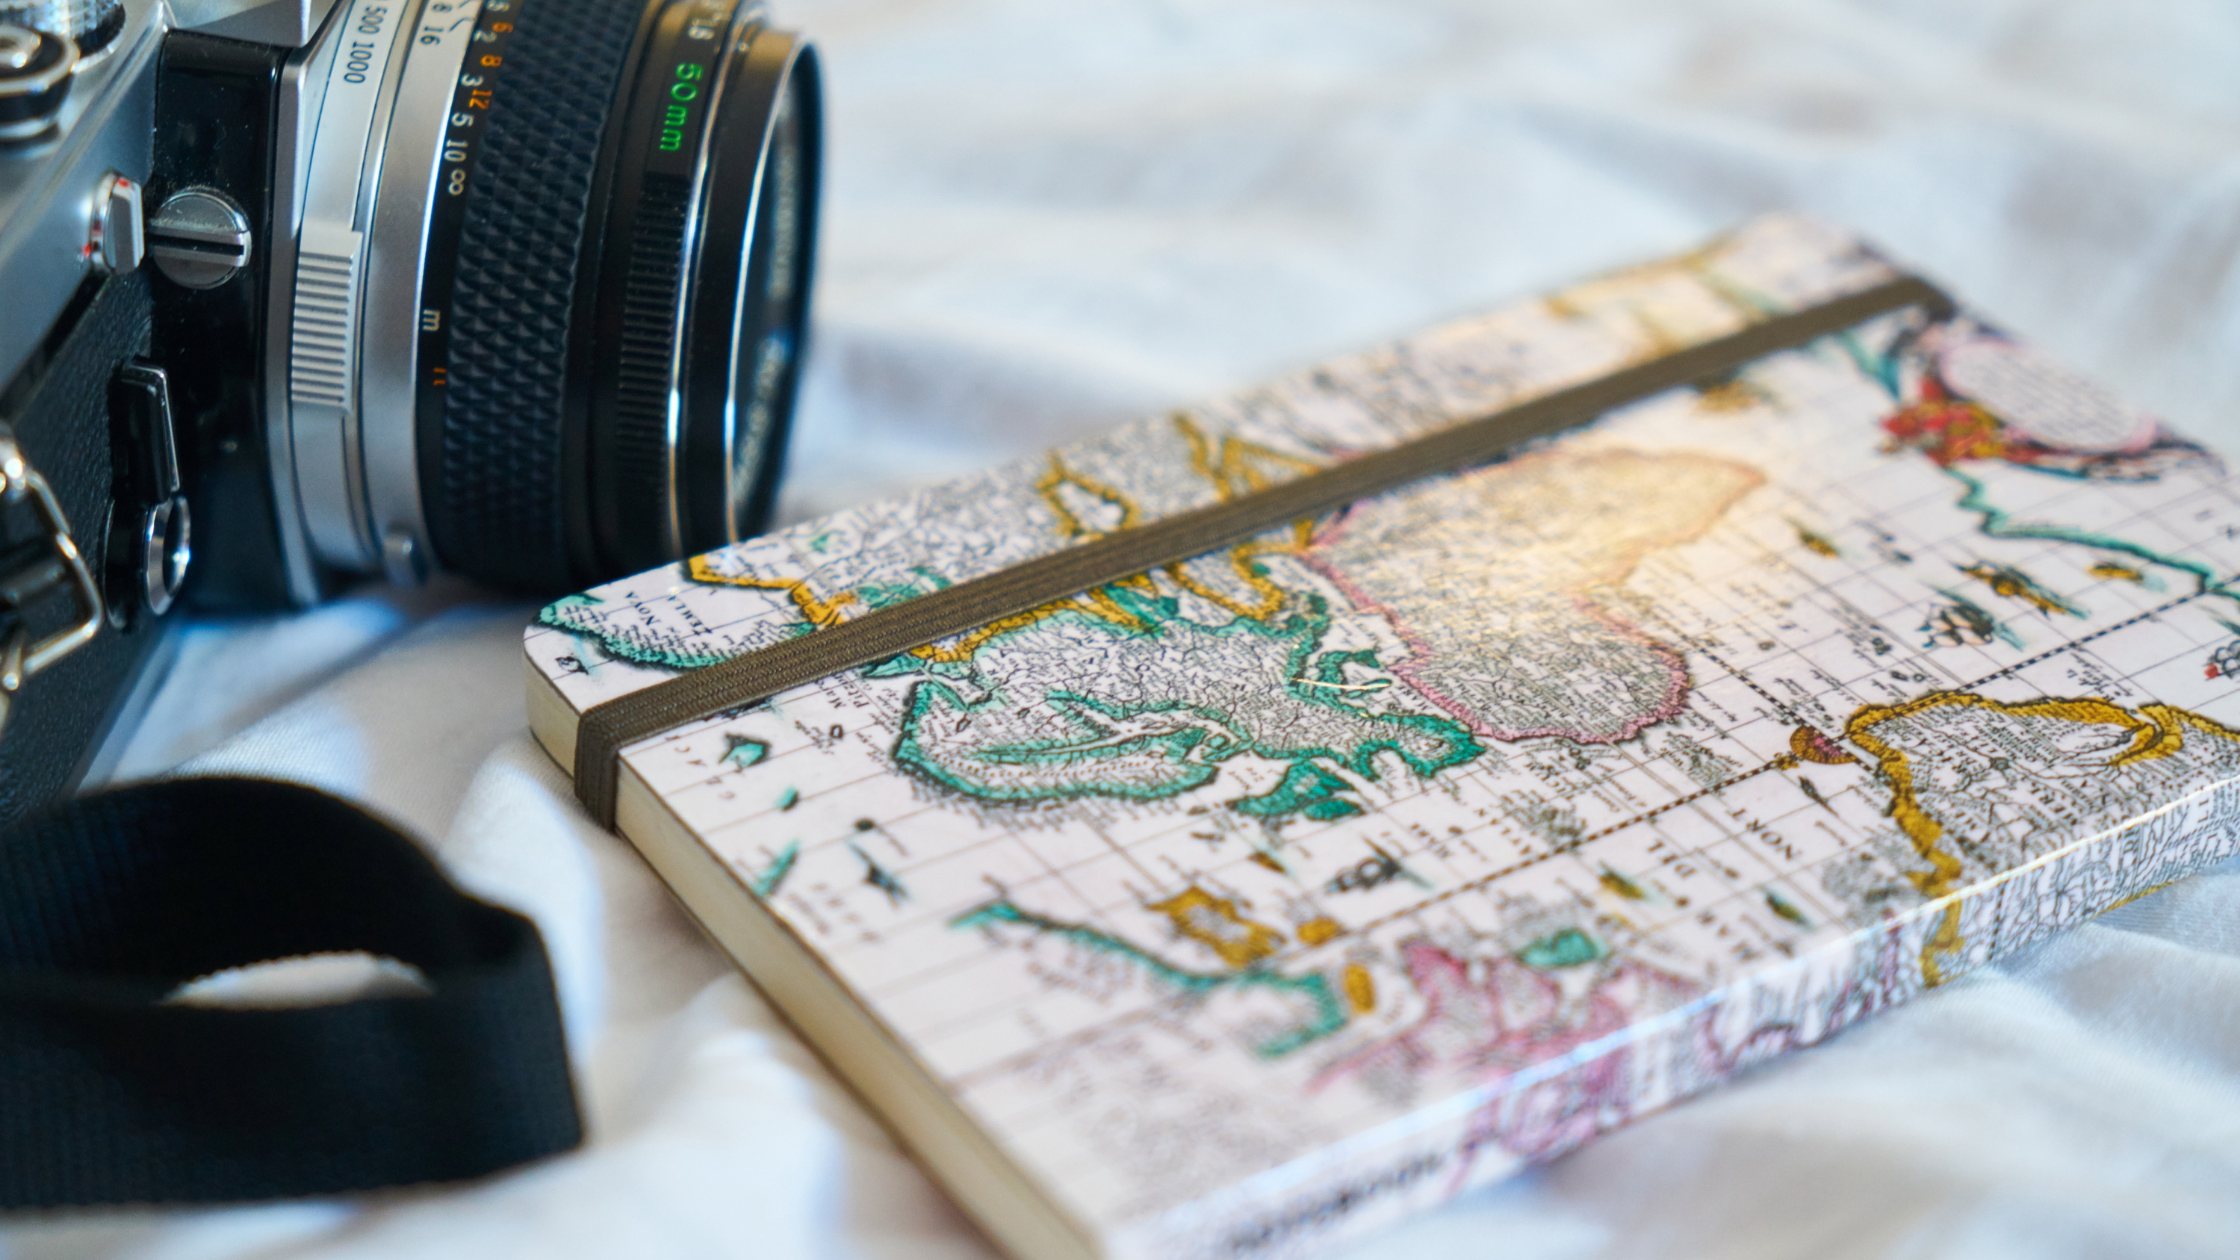 camara-de-fotos-y libreta-objetos-de-viajeibreta